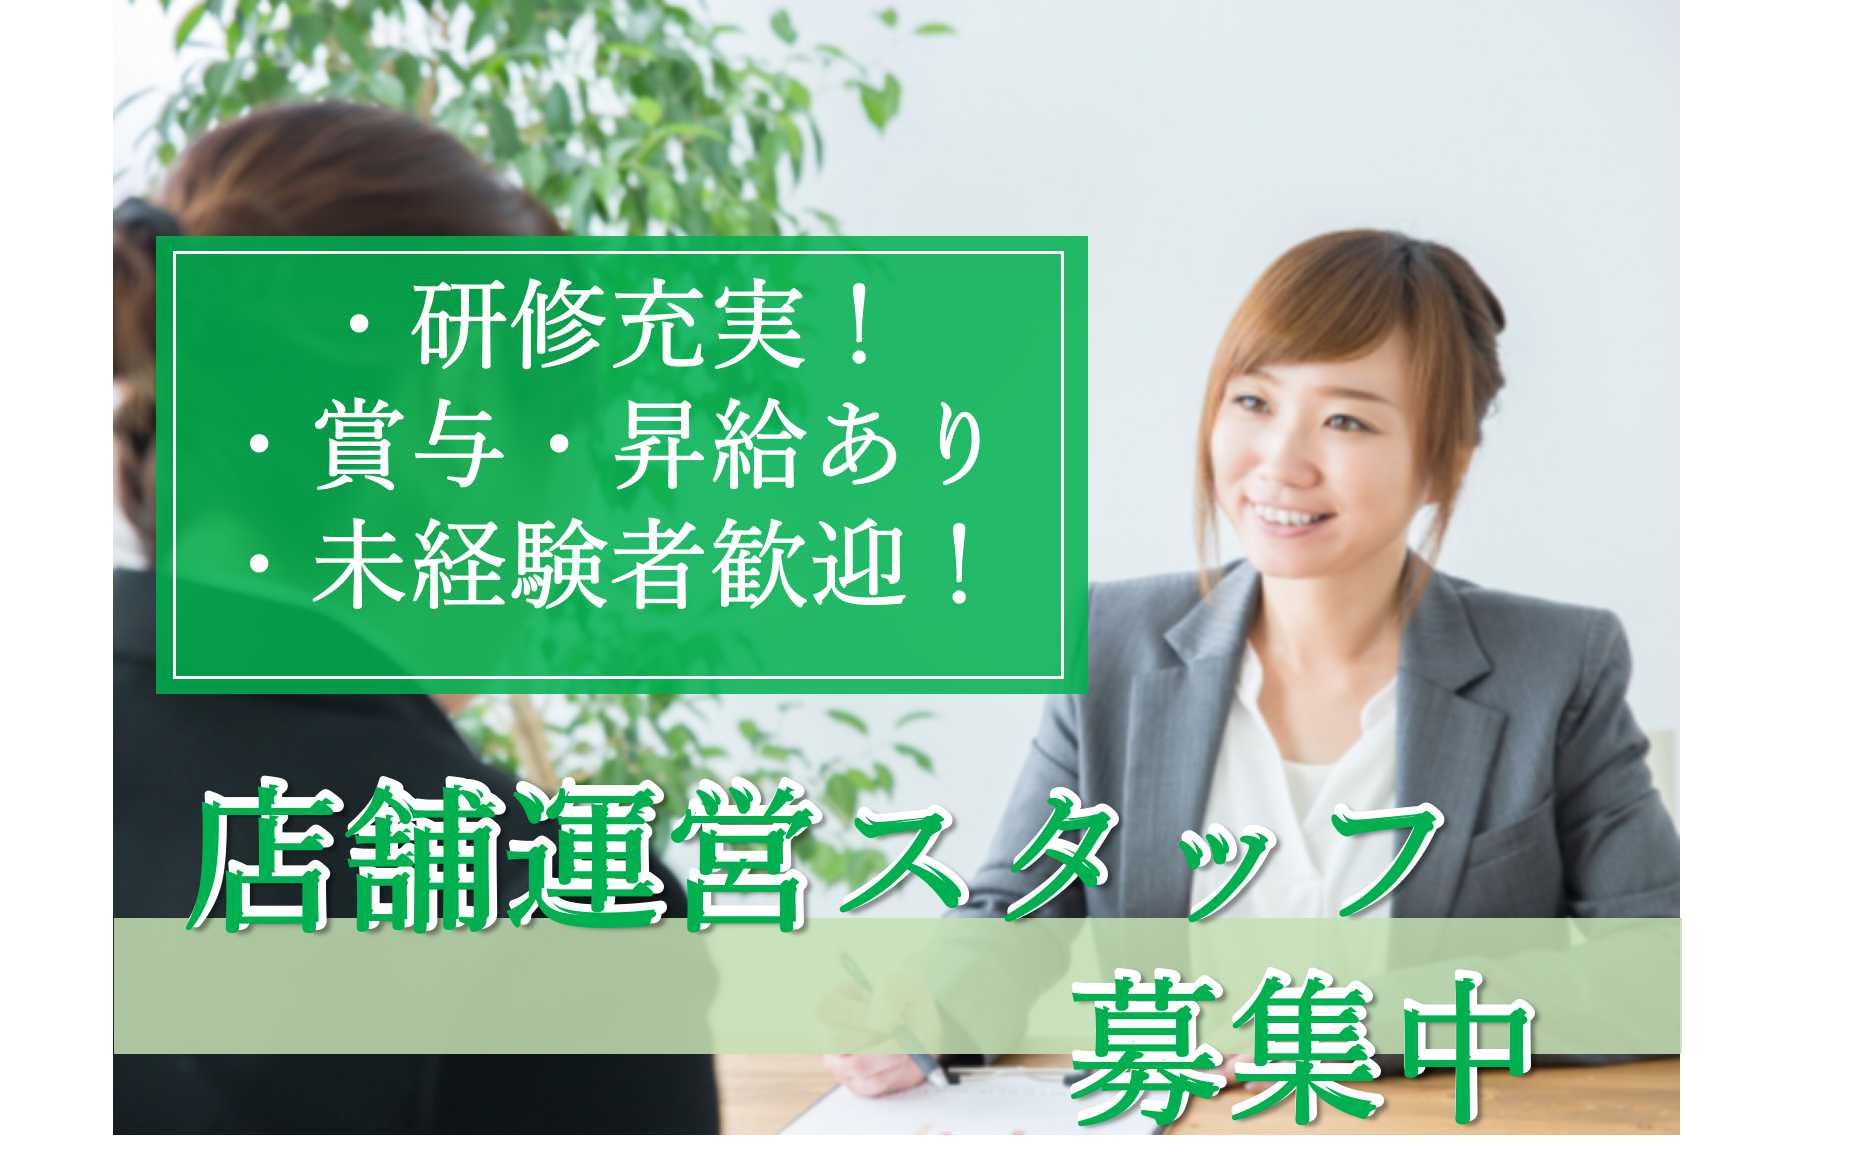 【急募】地域貢献活動も行う大手企業♪未経験歓迎!店舗運営スタッフ イメージ